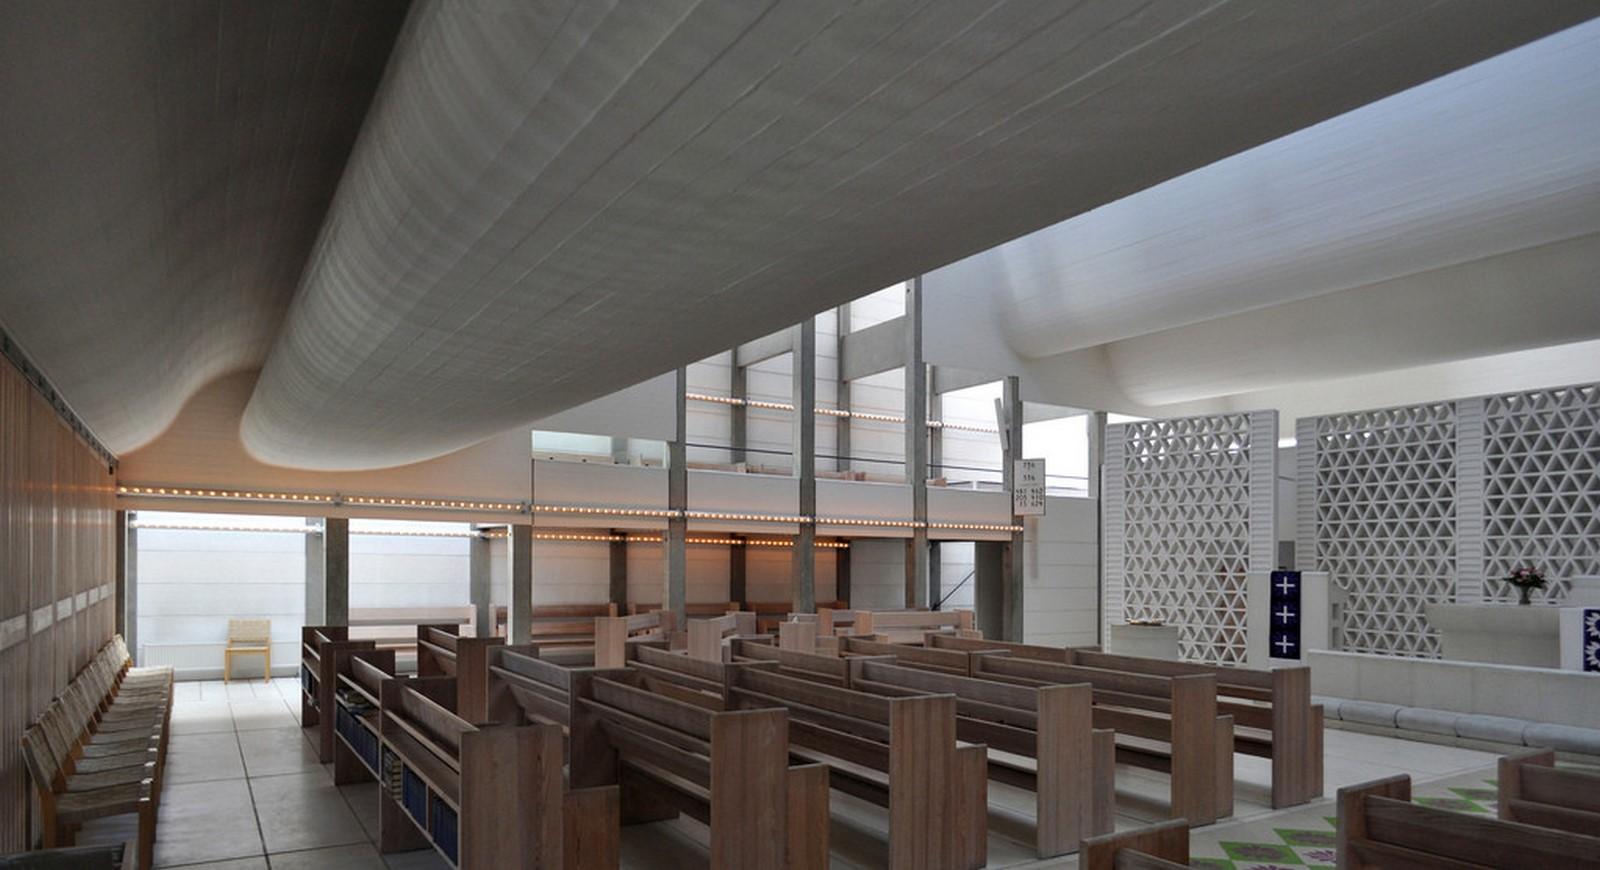 Bagsværd Church, Jørn Utzon, 1976 - Sheet4